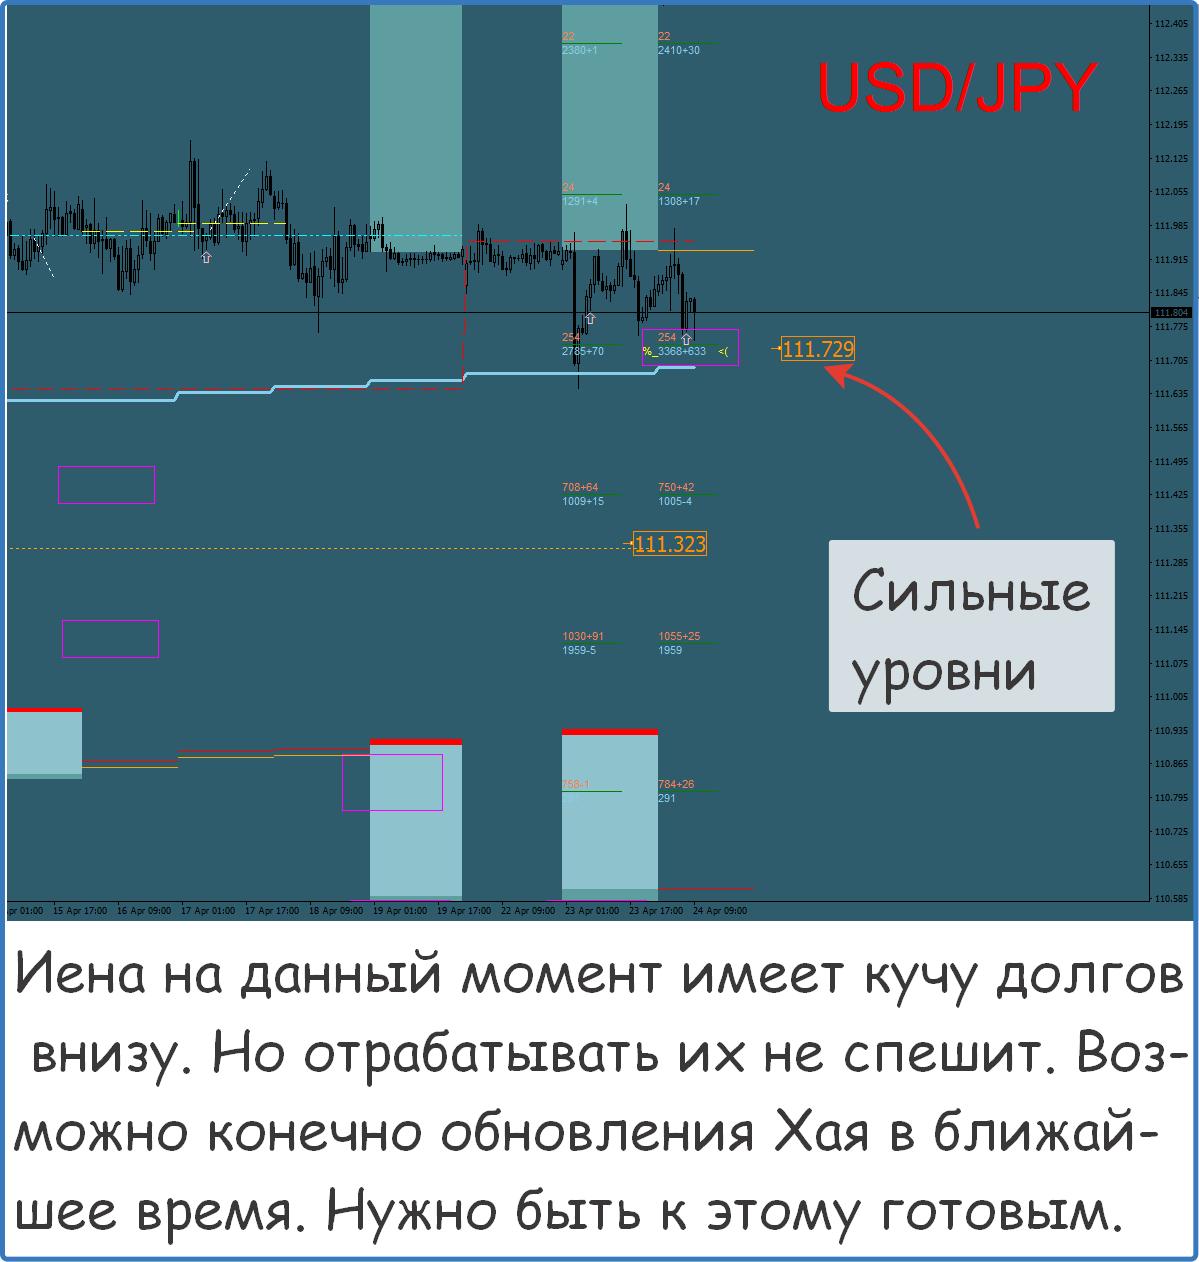 Золото прогноз на завтра для форекс вывод с кошелька xapo биткоин